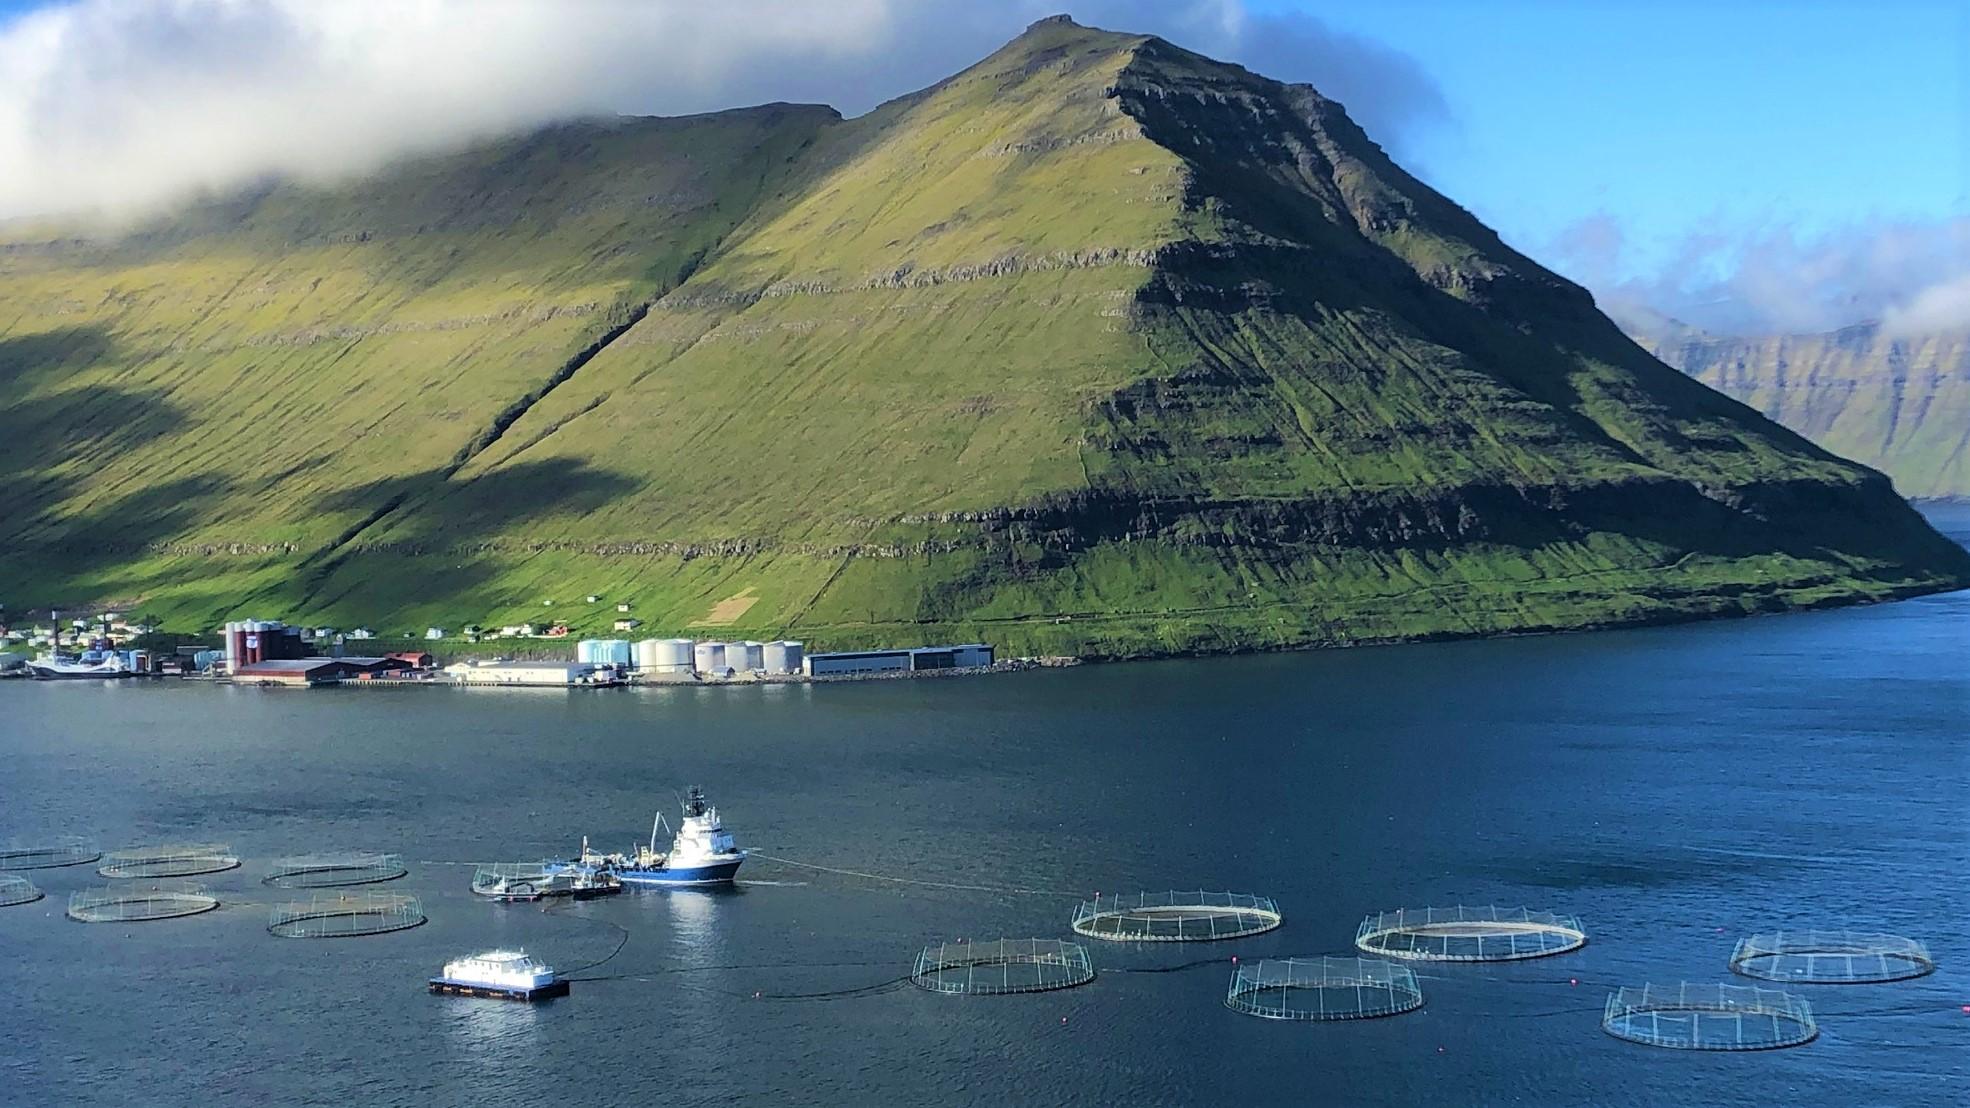 Bakkafrosts fisk-burar utplacerade i fjorden.